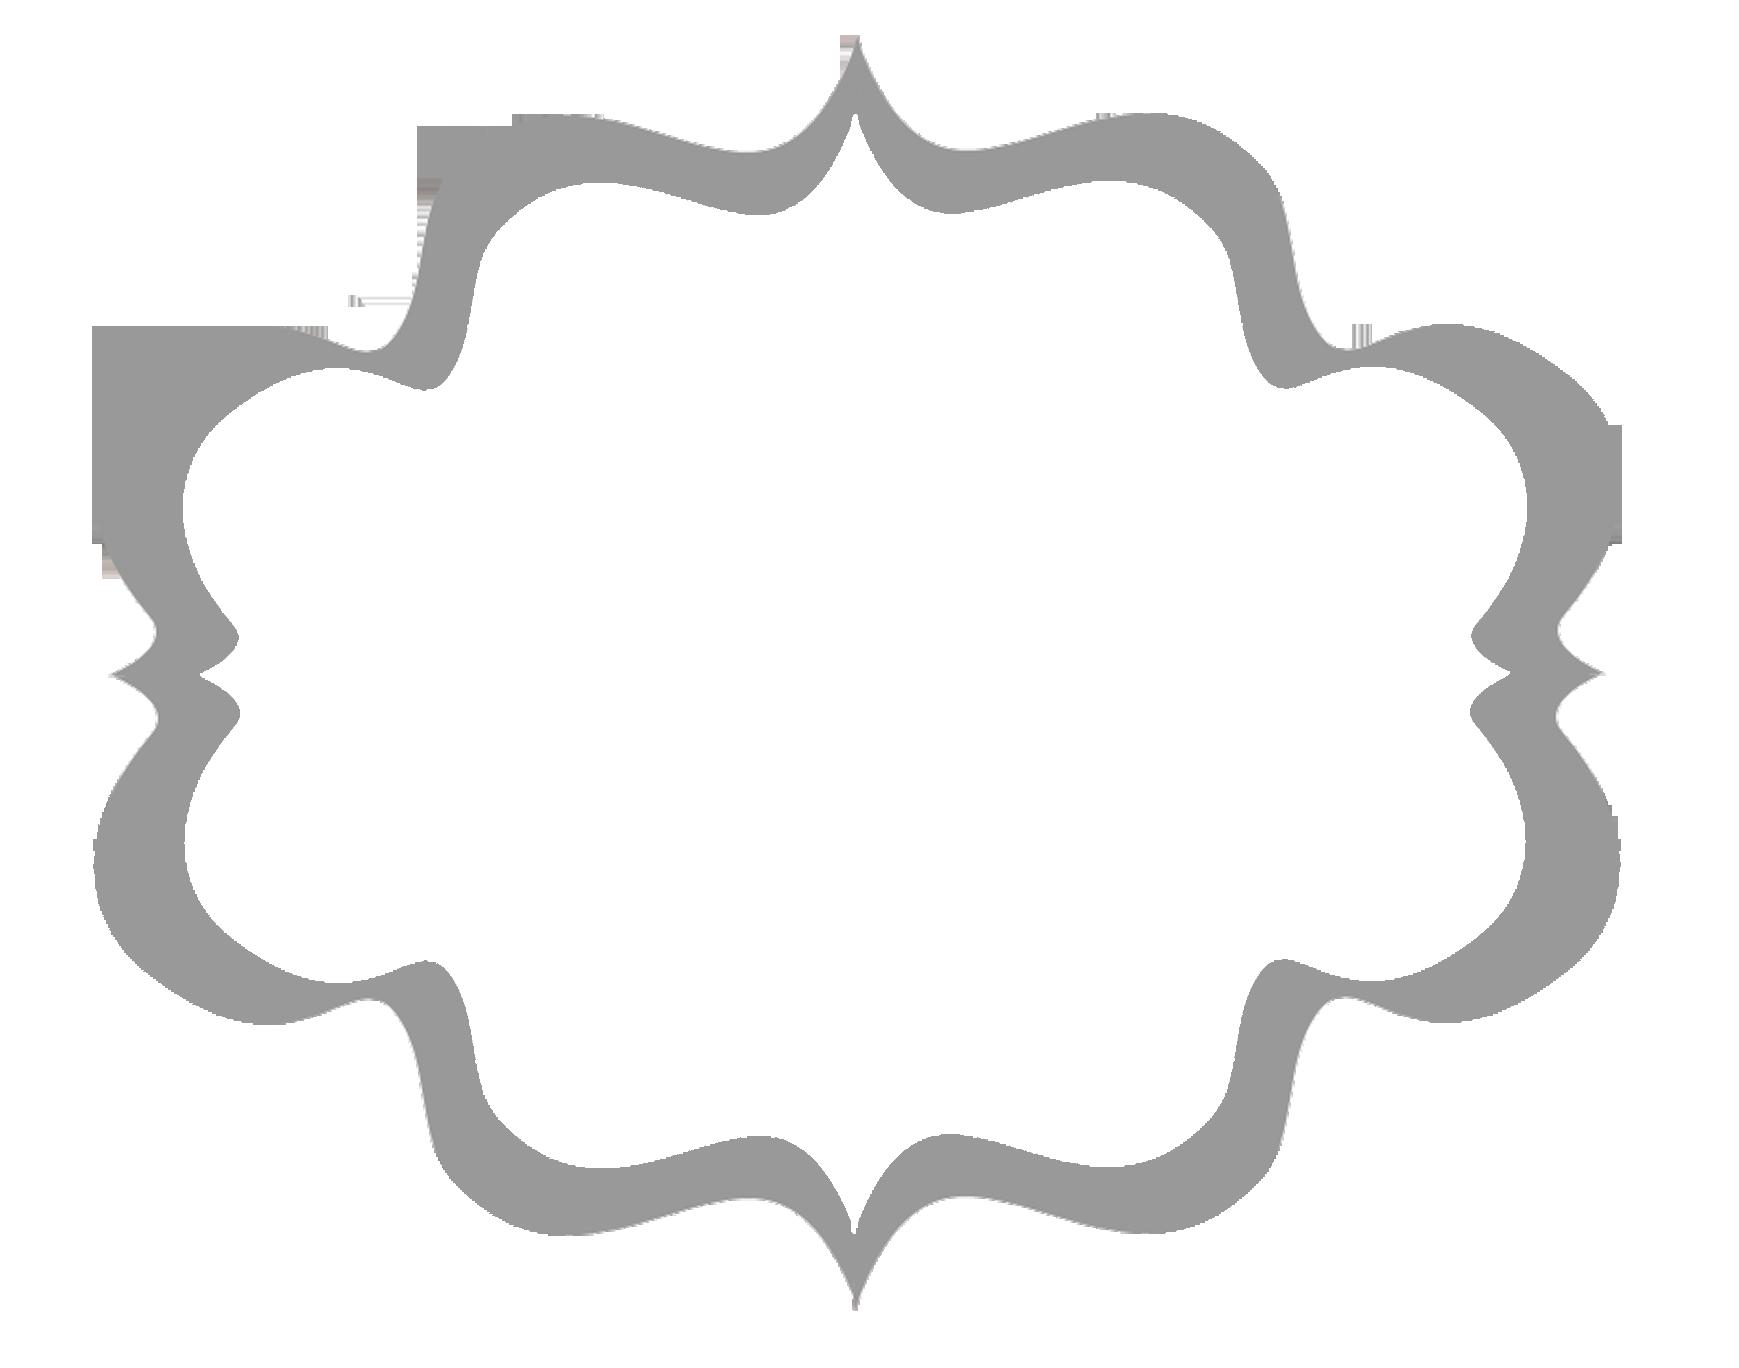 اطارات للتصميم ابيض واسود